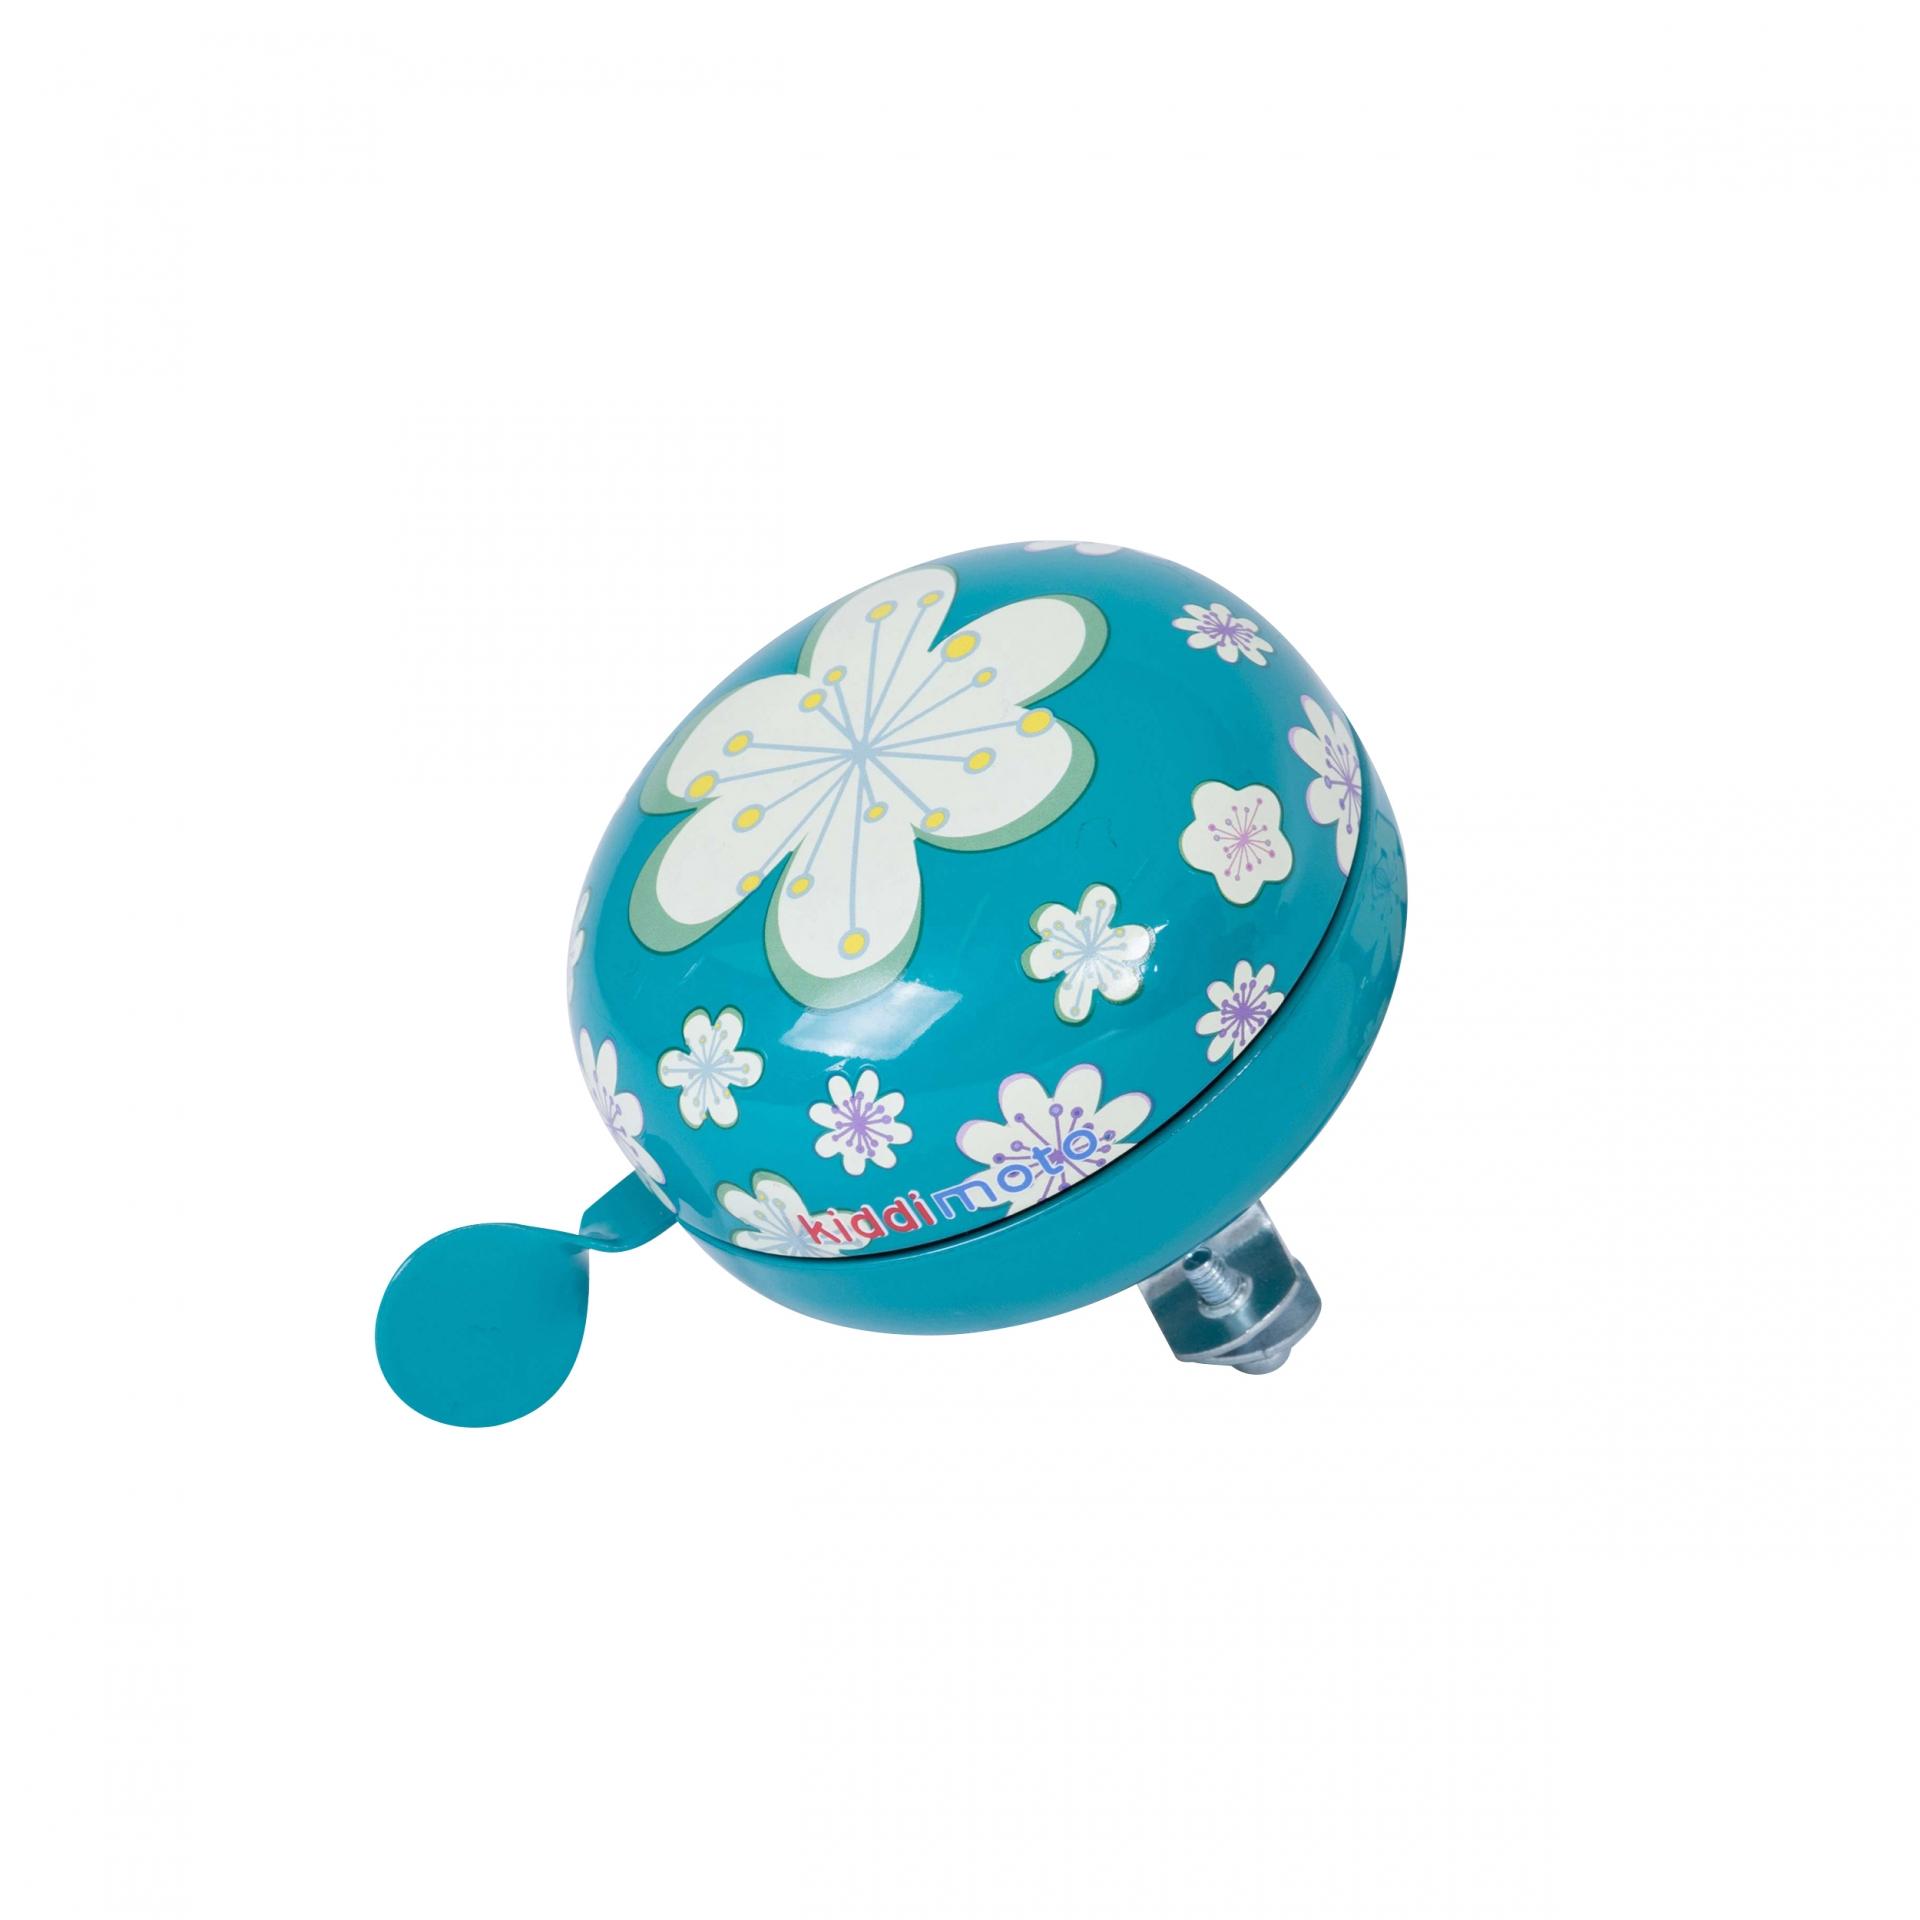 Sonnette Kiddimoto 80 mm Fleur Bleu